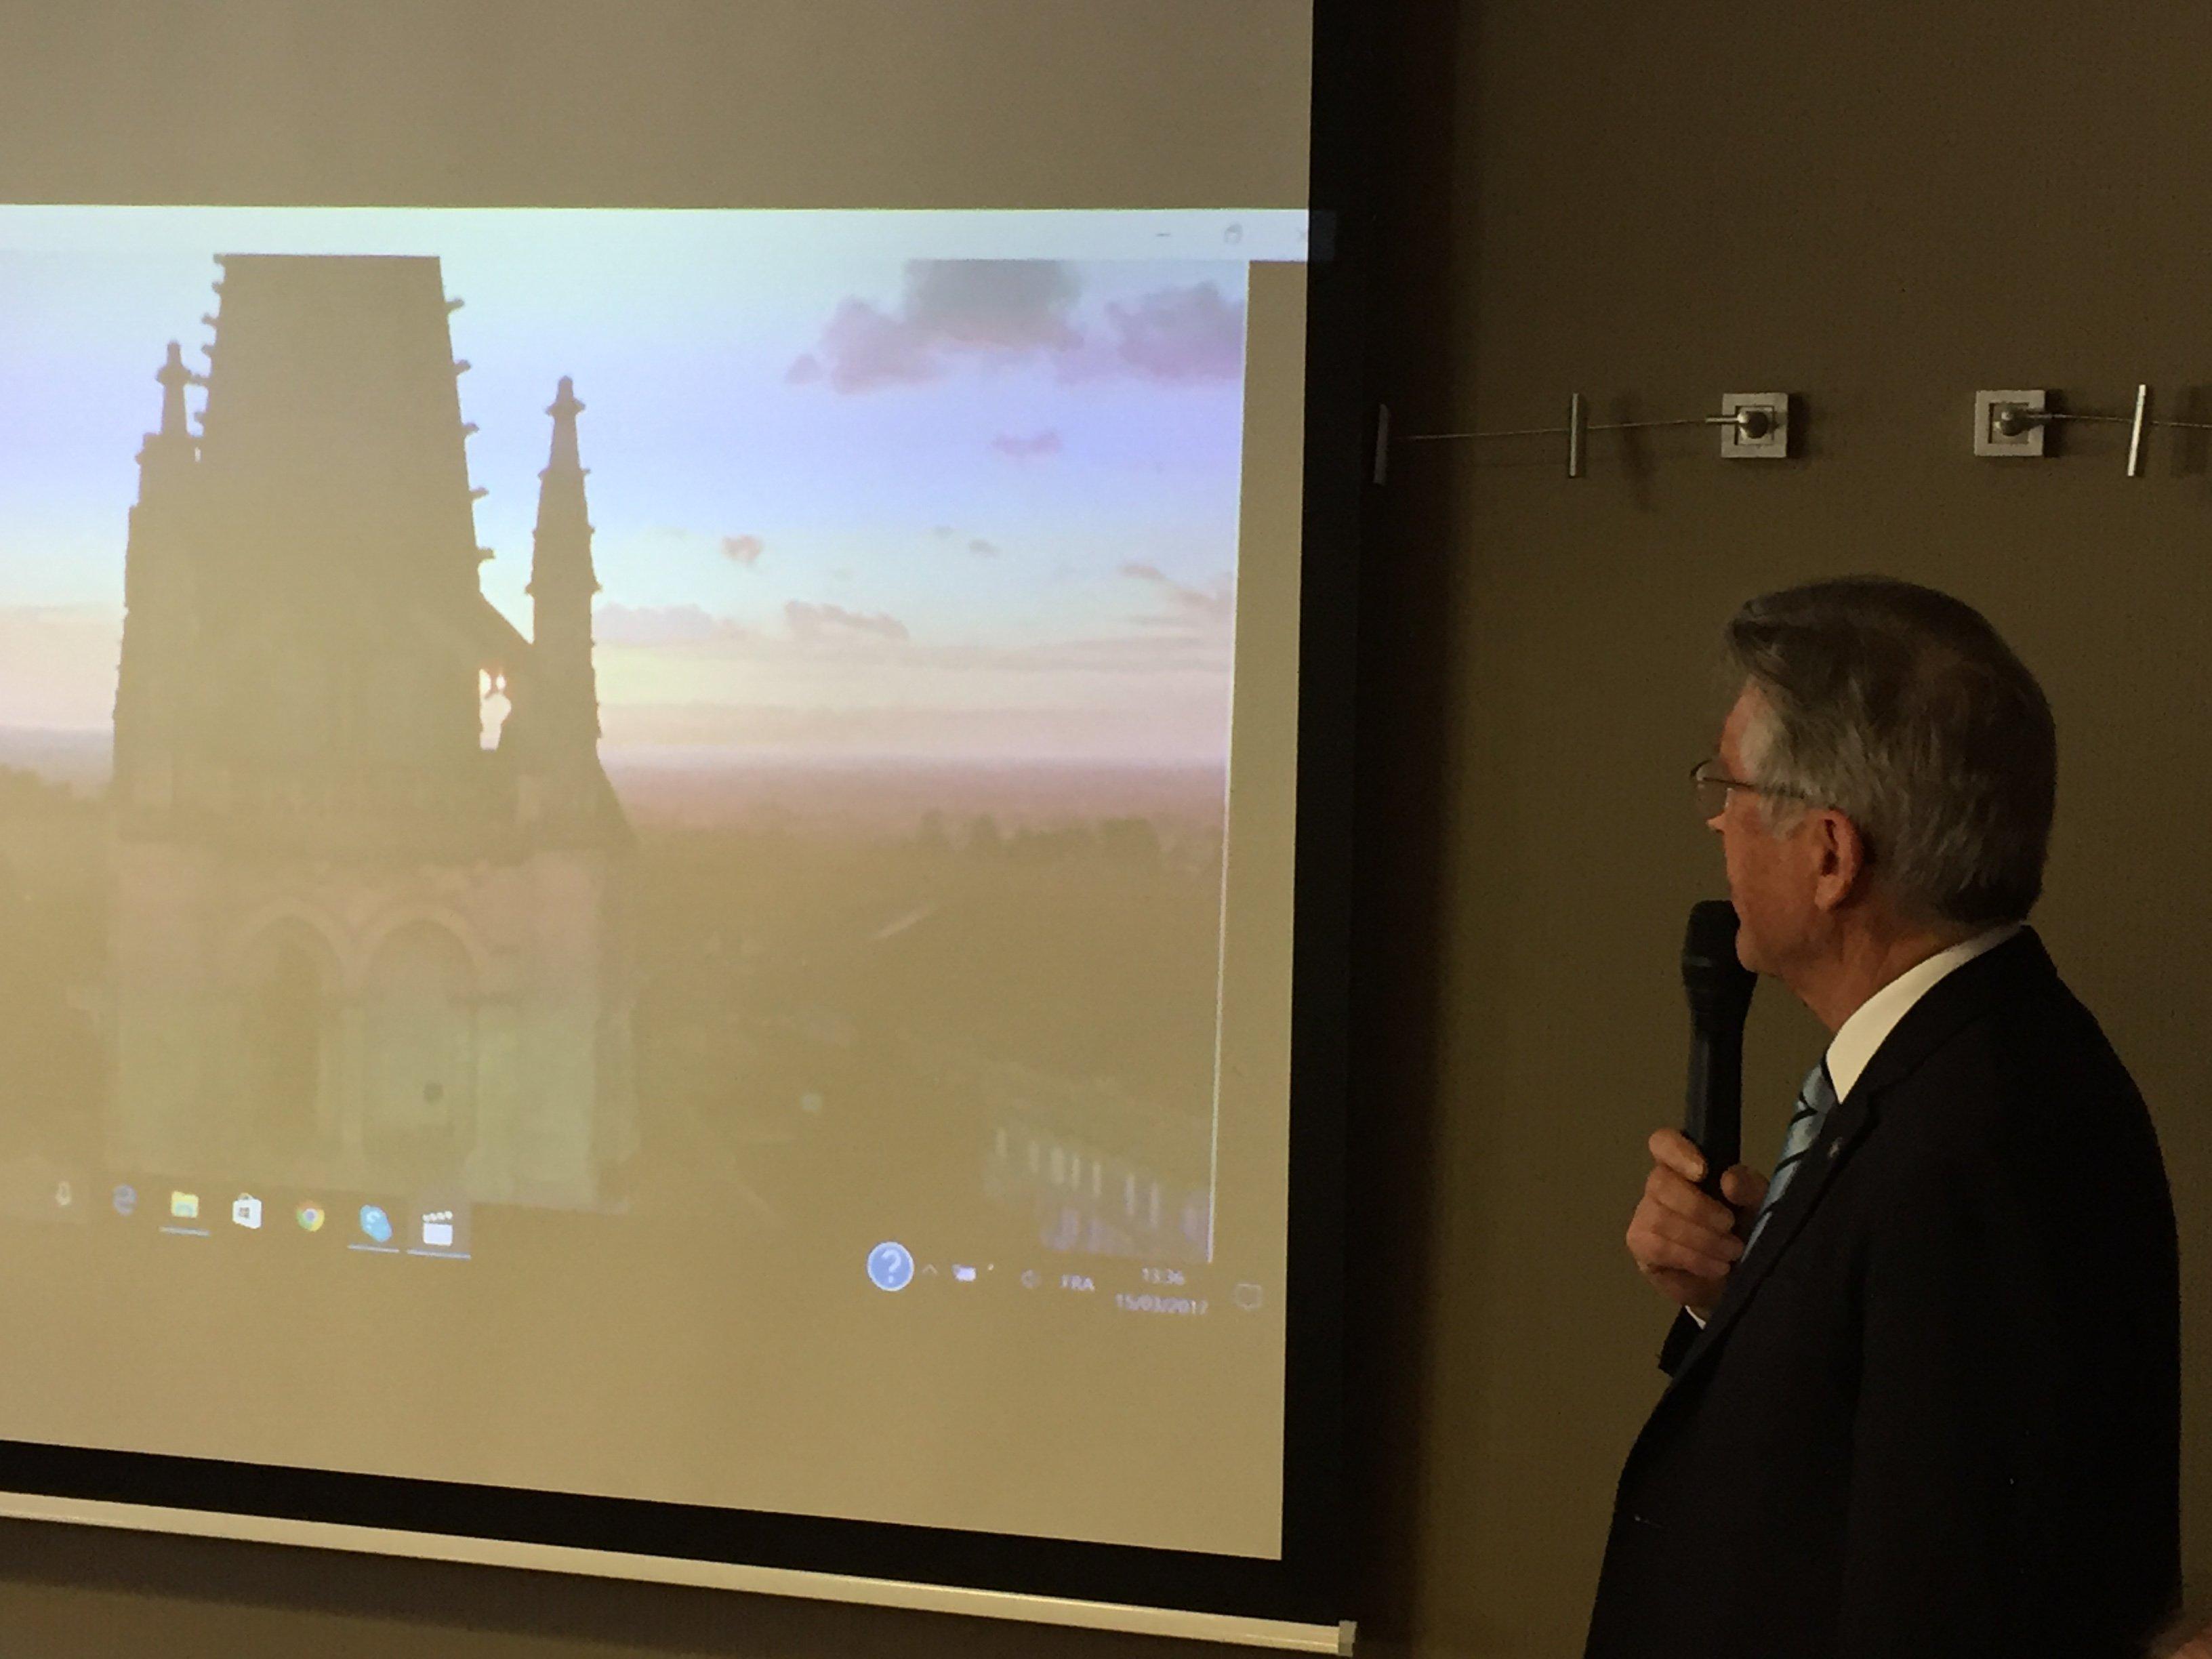 Photo Guy PETRUS LIGNAC, présentation slide, conférence Rotary Club Bordeaux, mars 2017